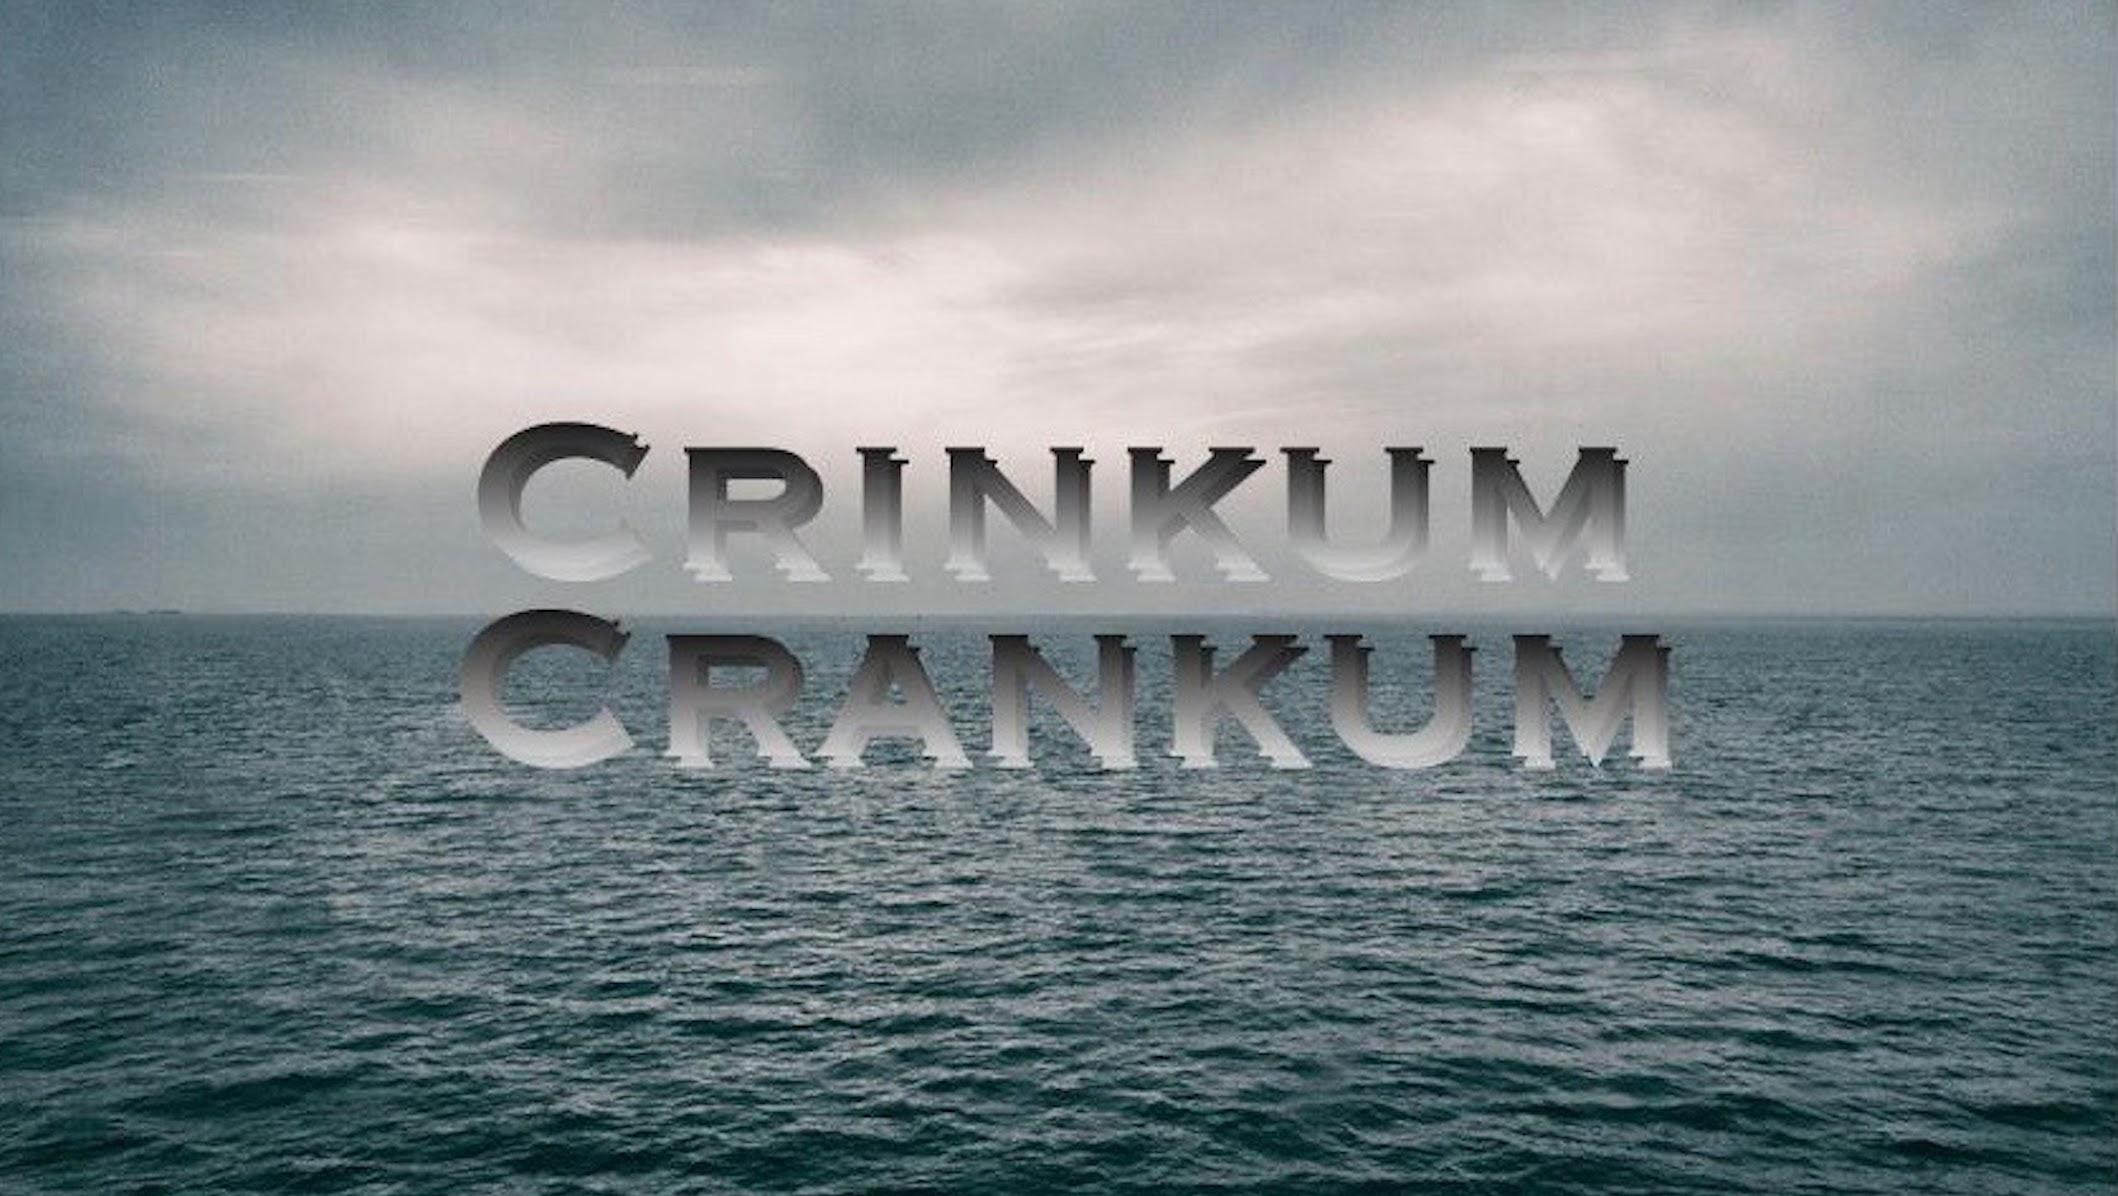 Crinkum Crankum